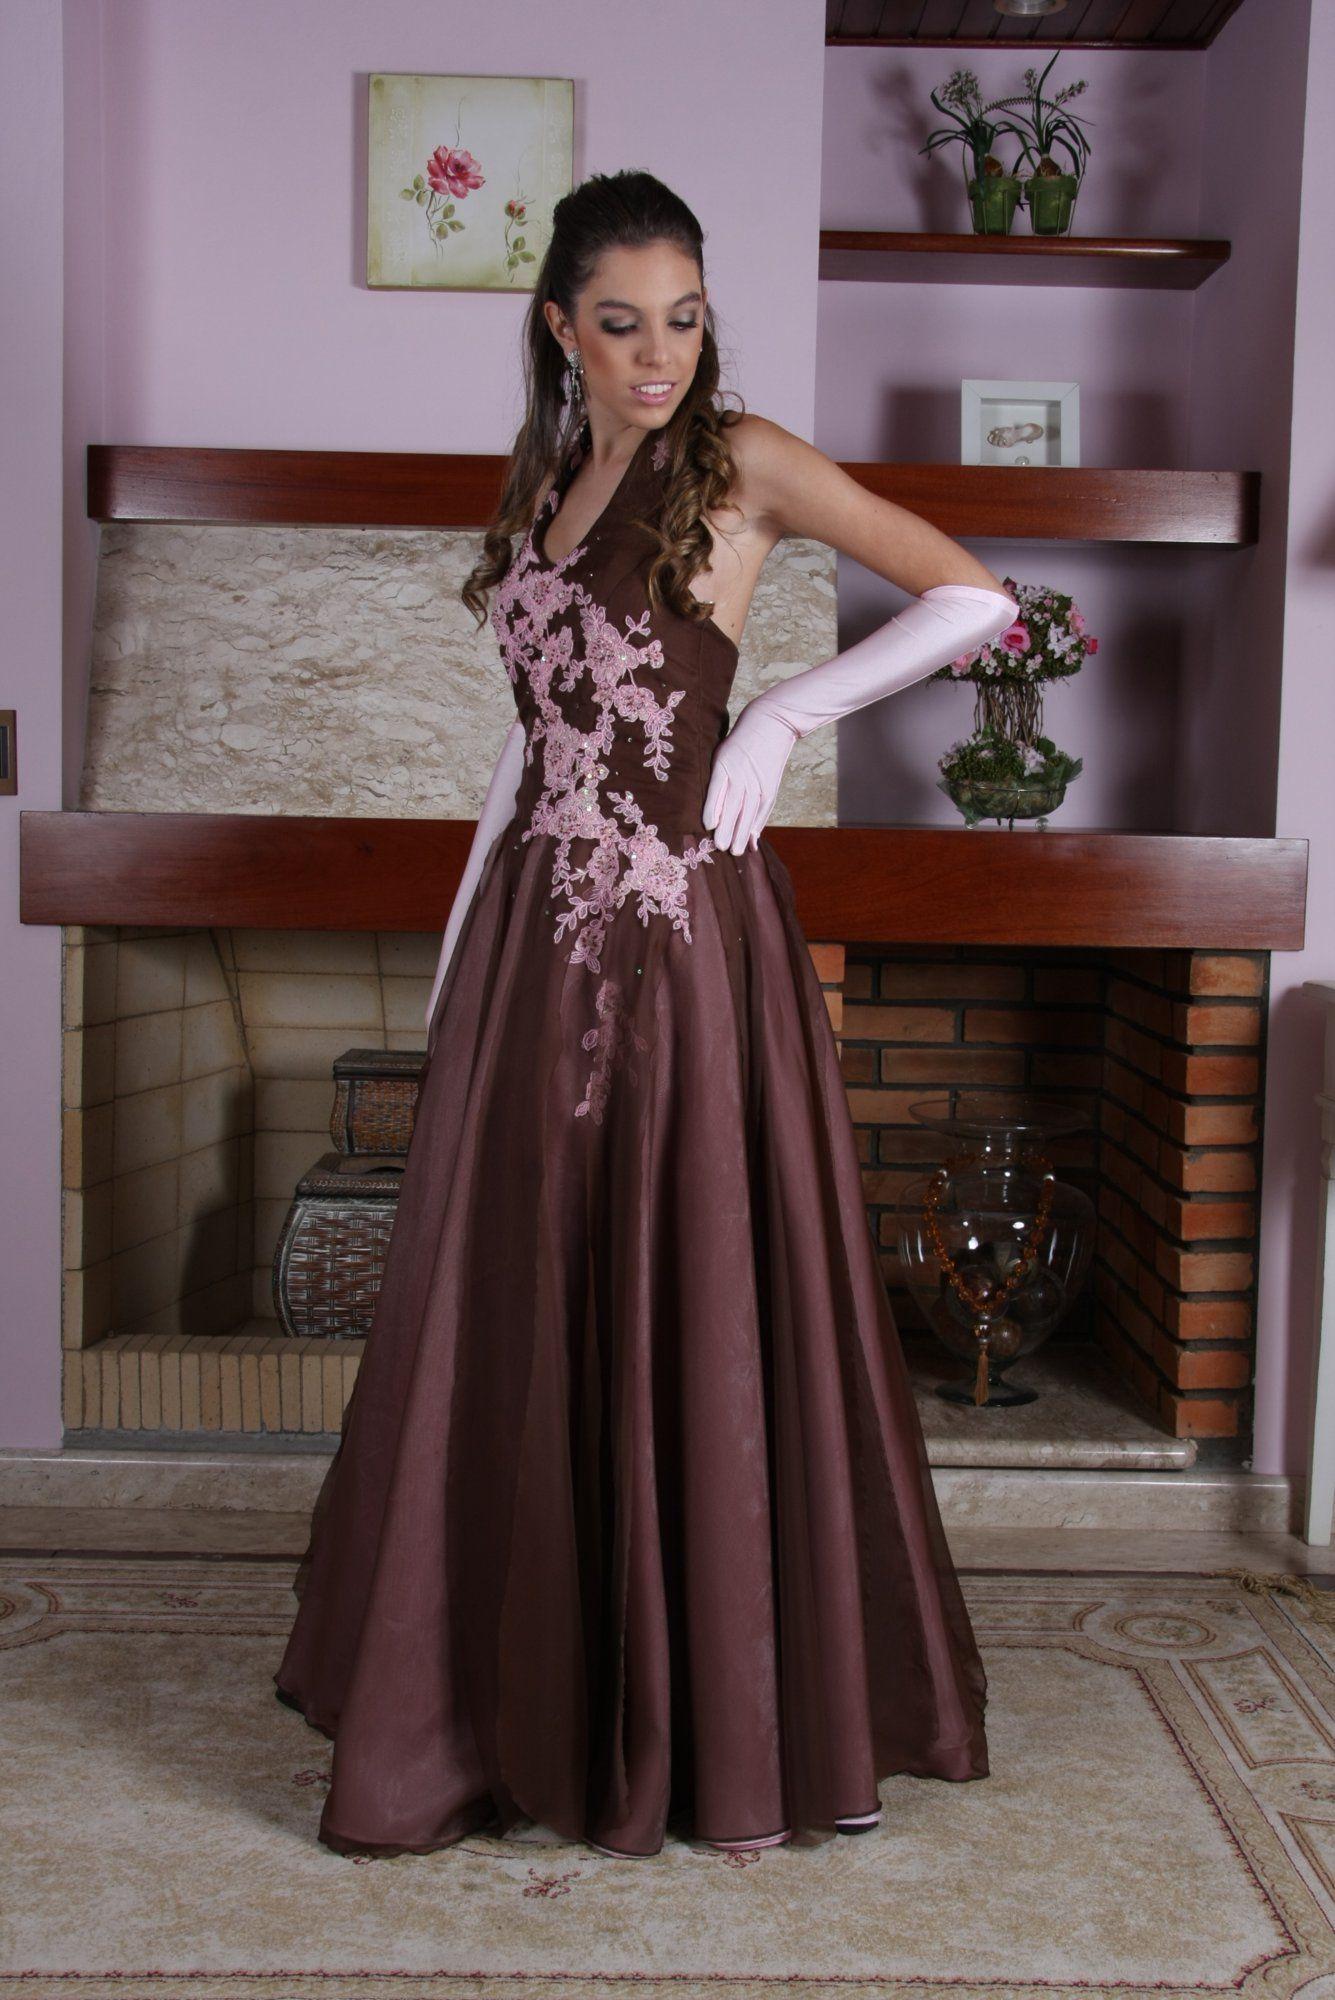 52796315a Vestido de Debutante Outros Modelos - 7 - 2 - Hipnose Alta Costura e Spa  para